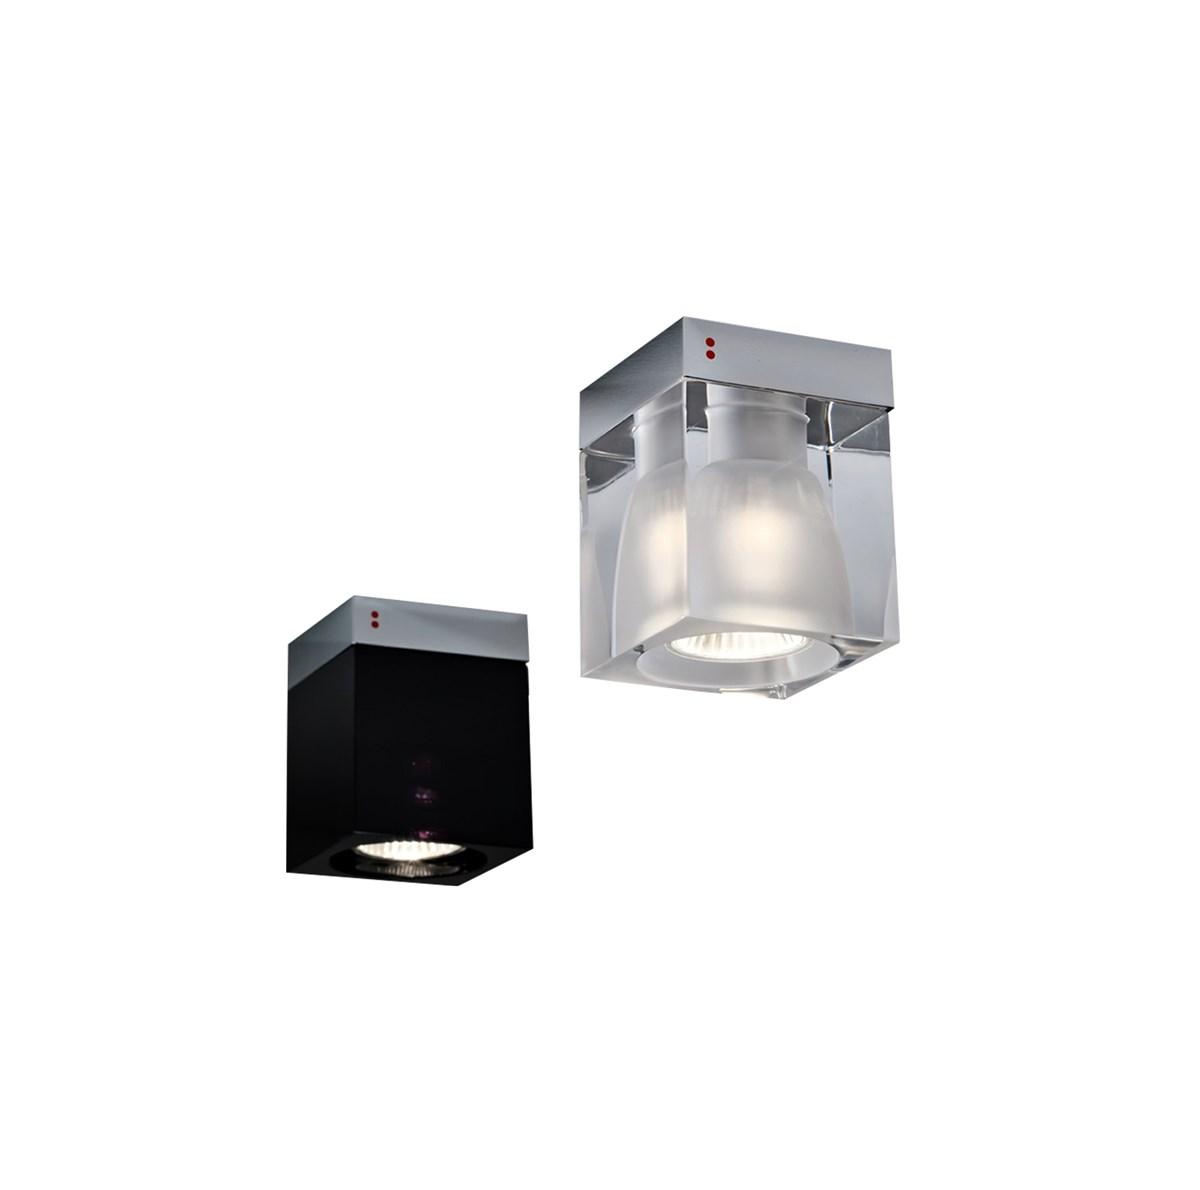 Fabbian-Pamio Design-Cubetto-Ceiling-Lamp-Matisse-1